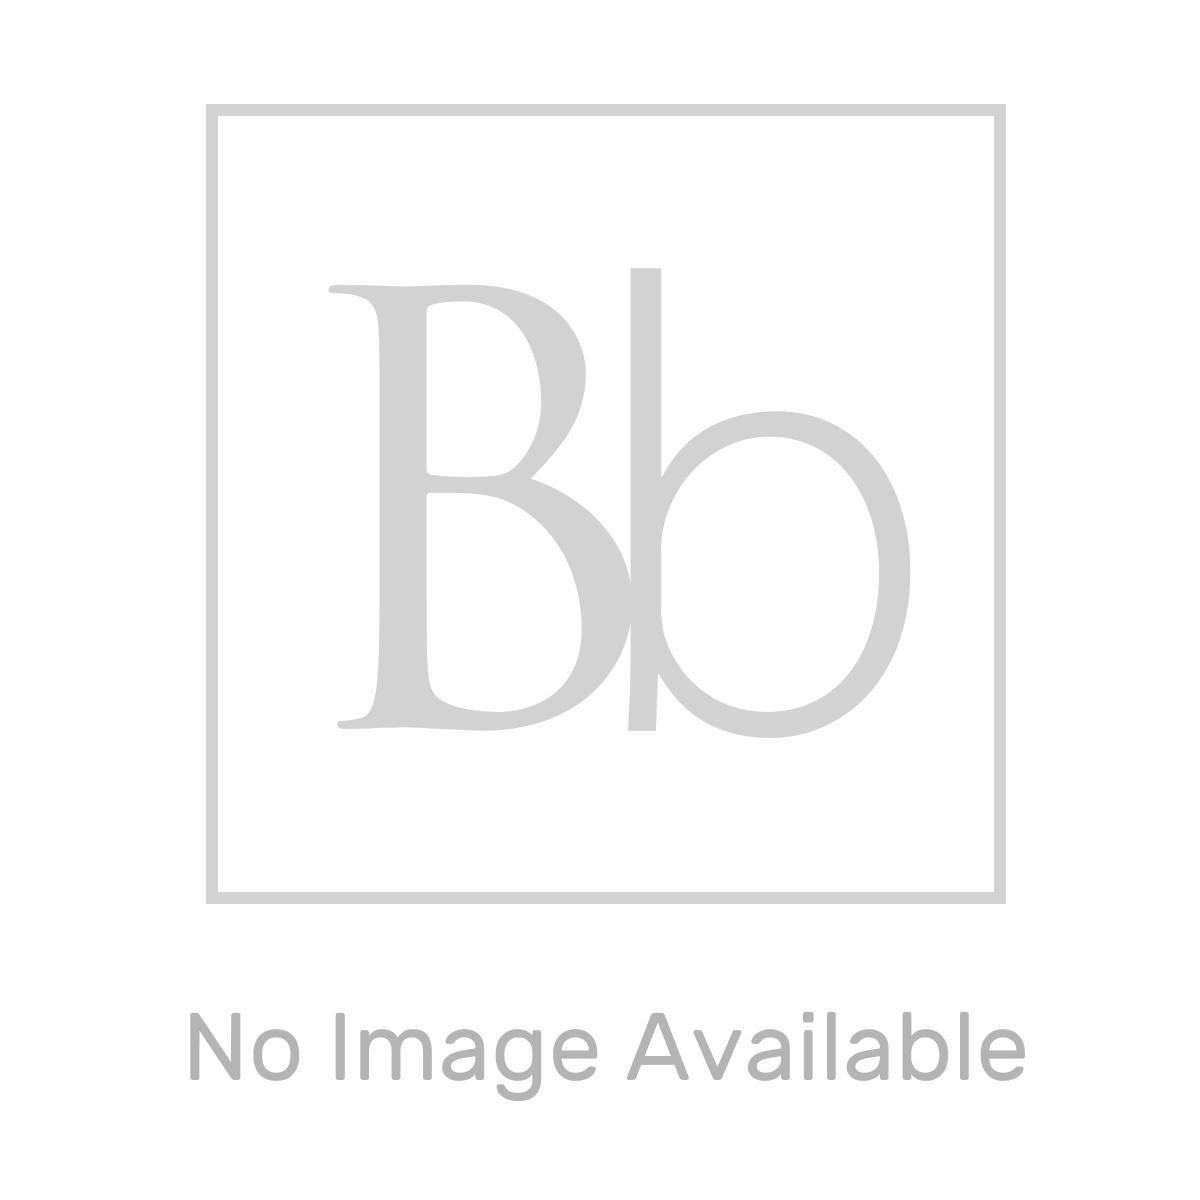 Tavistock Millennium Walnut Wood Veneer Toilet Seat